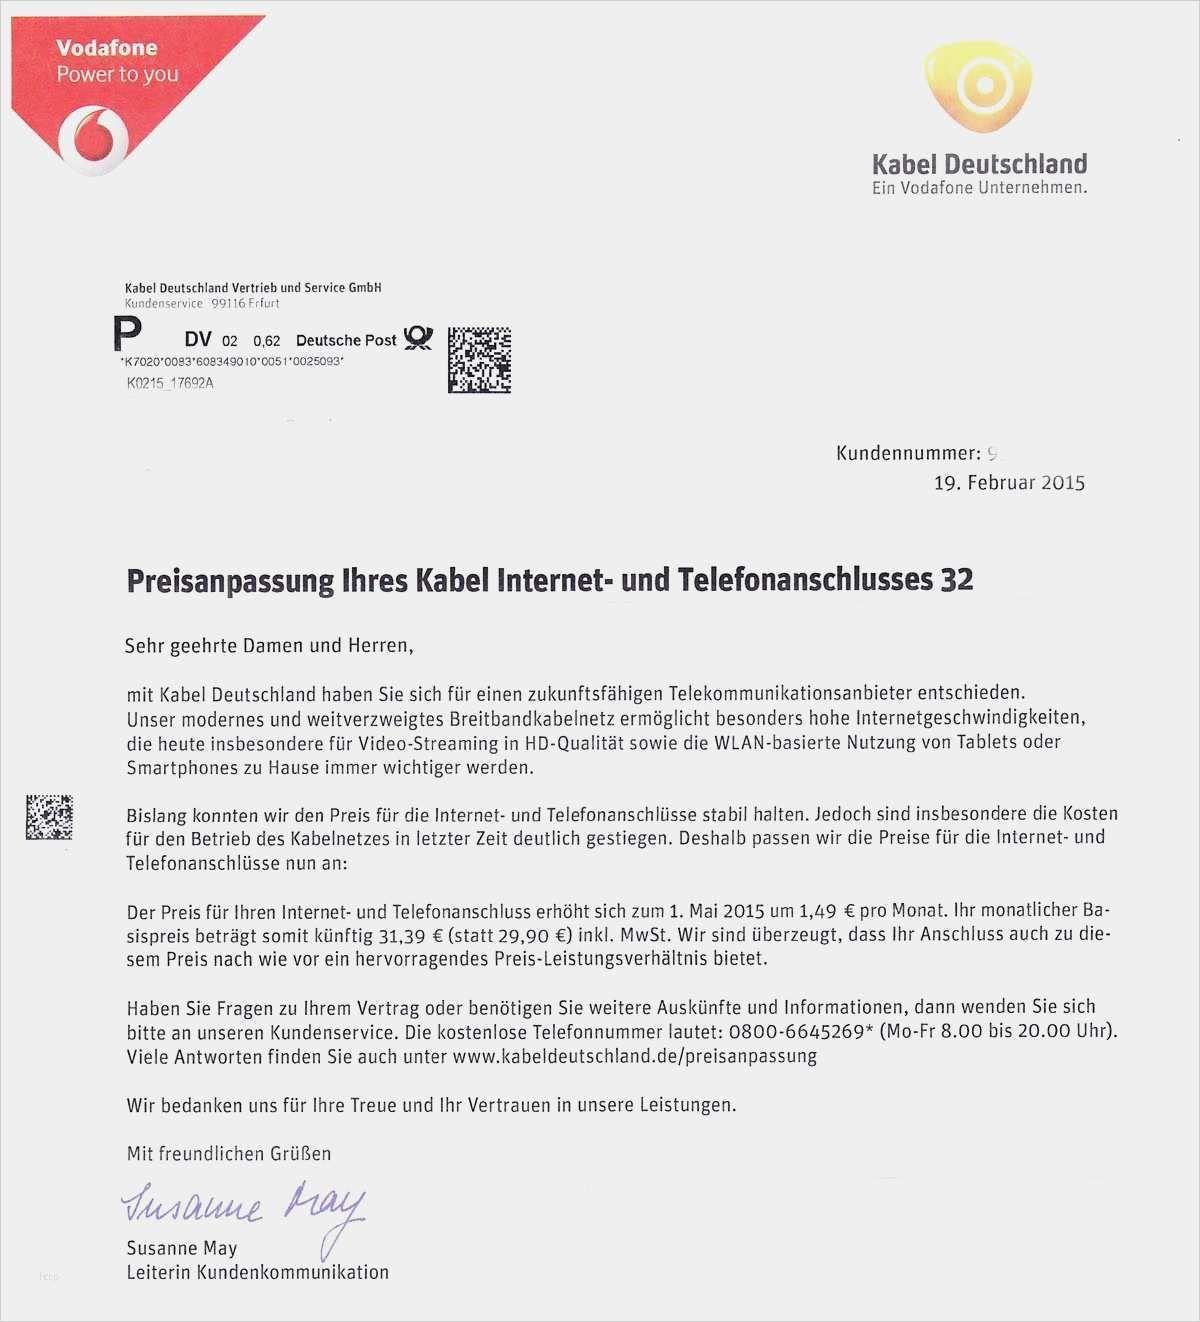 20 Genial Vodafone Sonderkundigung Umzug Vorlage Foto In 2020 Lebenslauf Vorlagen Word Briefkopf Vorlage Vorlagen